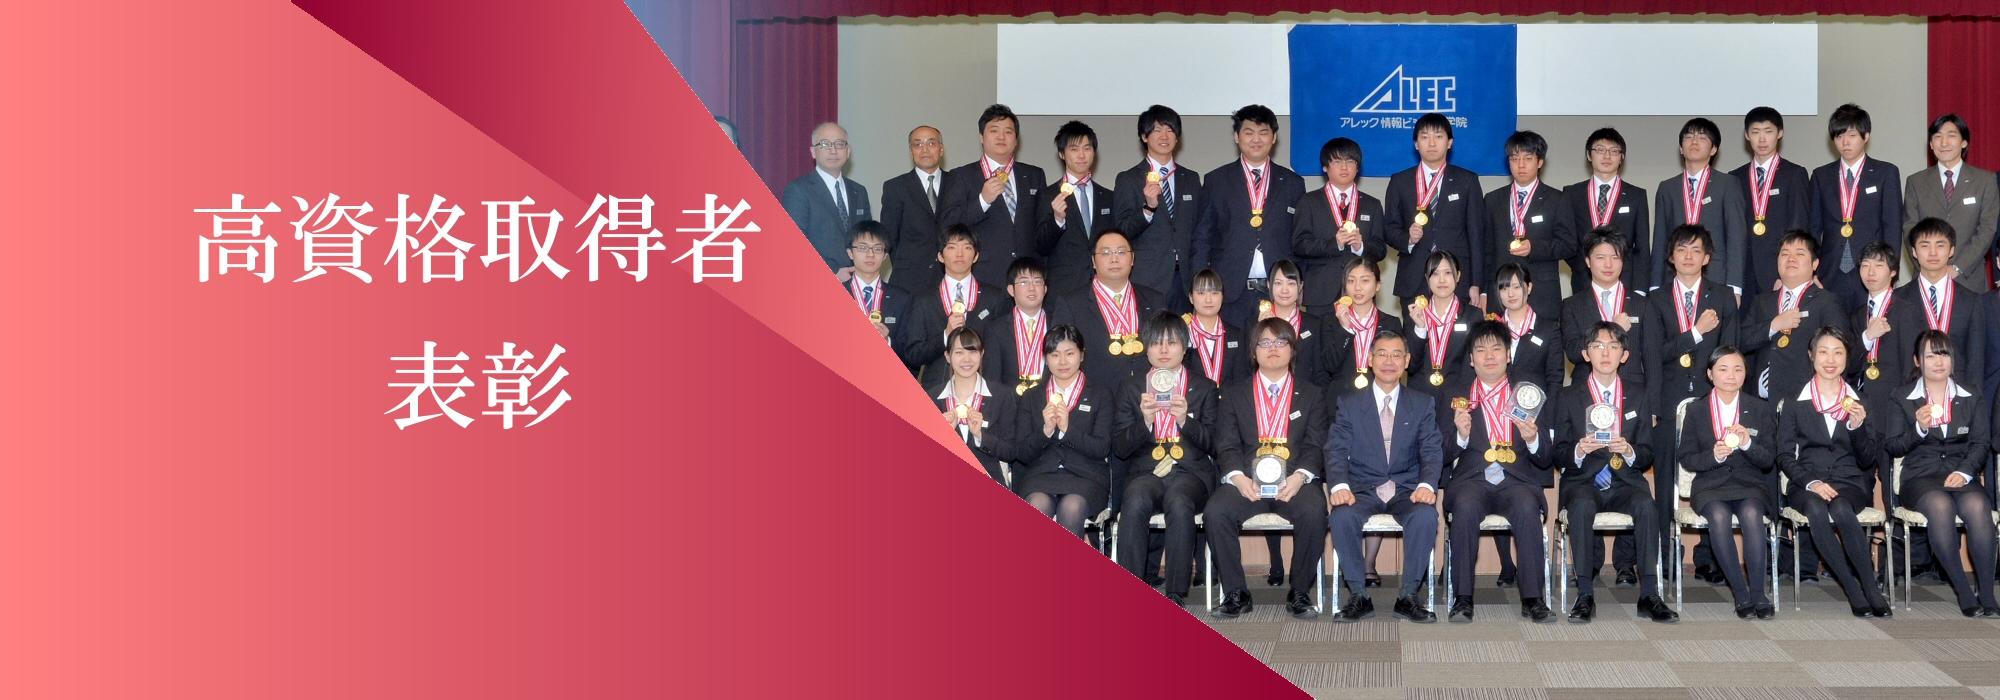 高資格取得者表彰